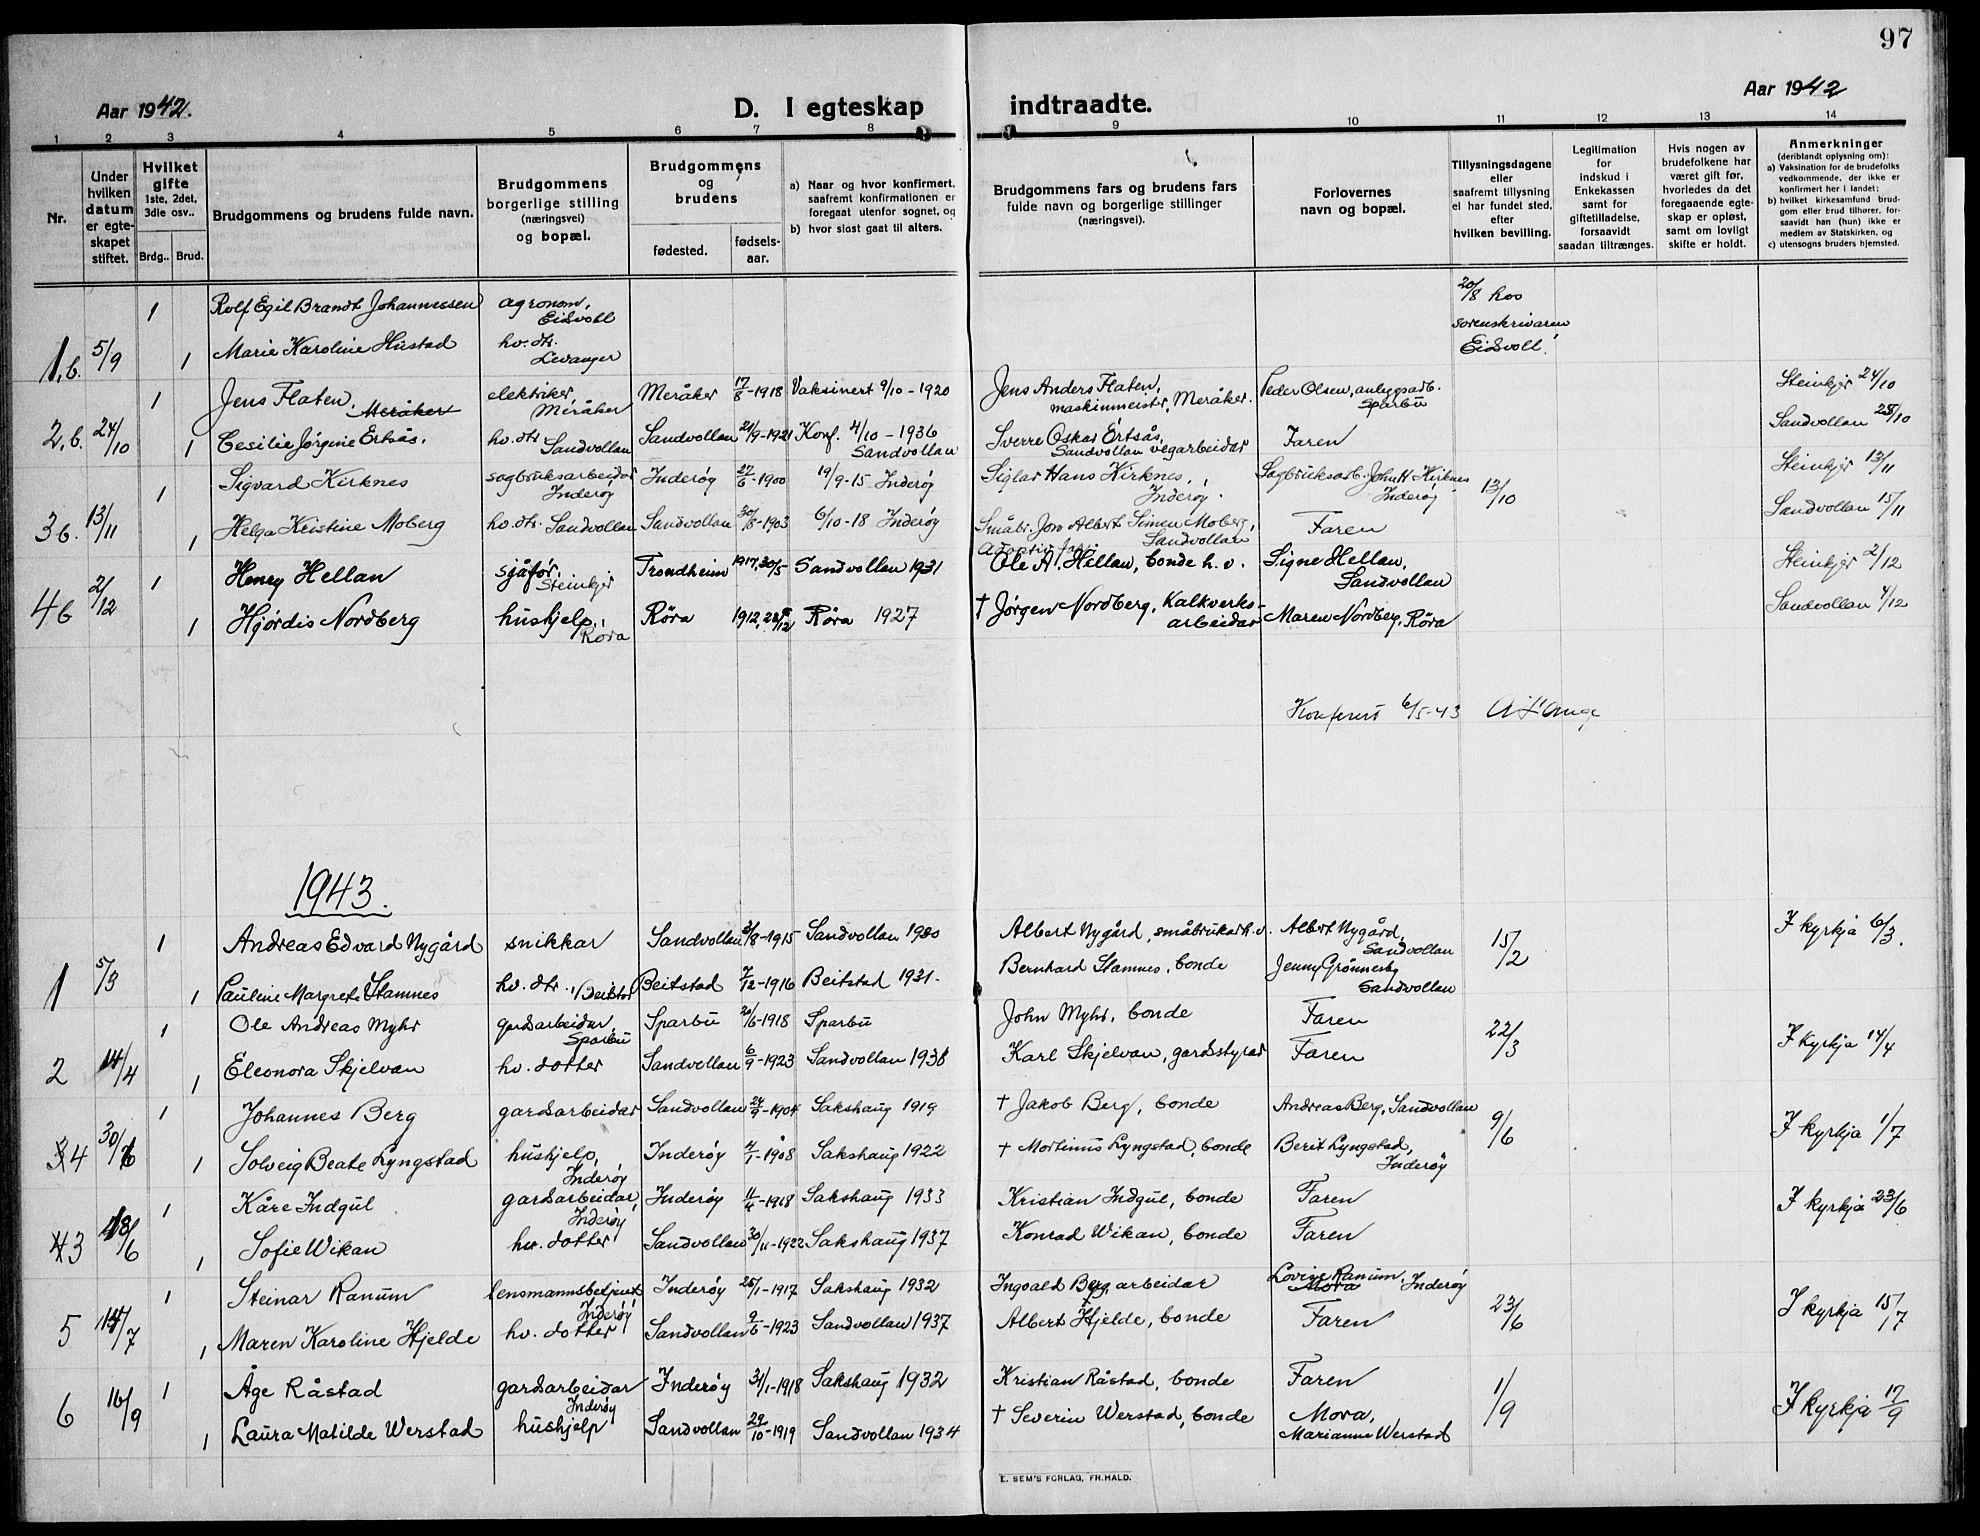 SAT, Ministerialprotokoller, klokkerbøker og fødselsregistre - Nord-Trøndelag, 732/L0319: Klokkerbok nr. 732C03, 1911-1945, s. 97